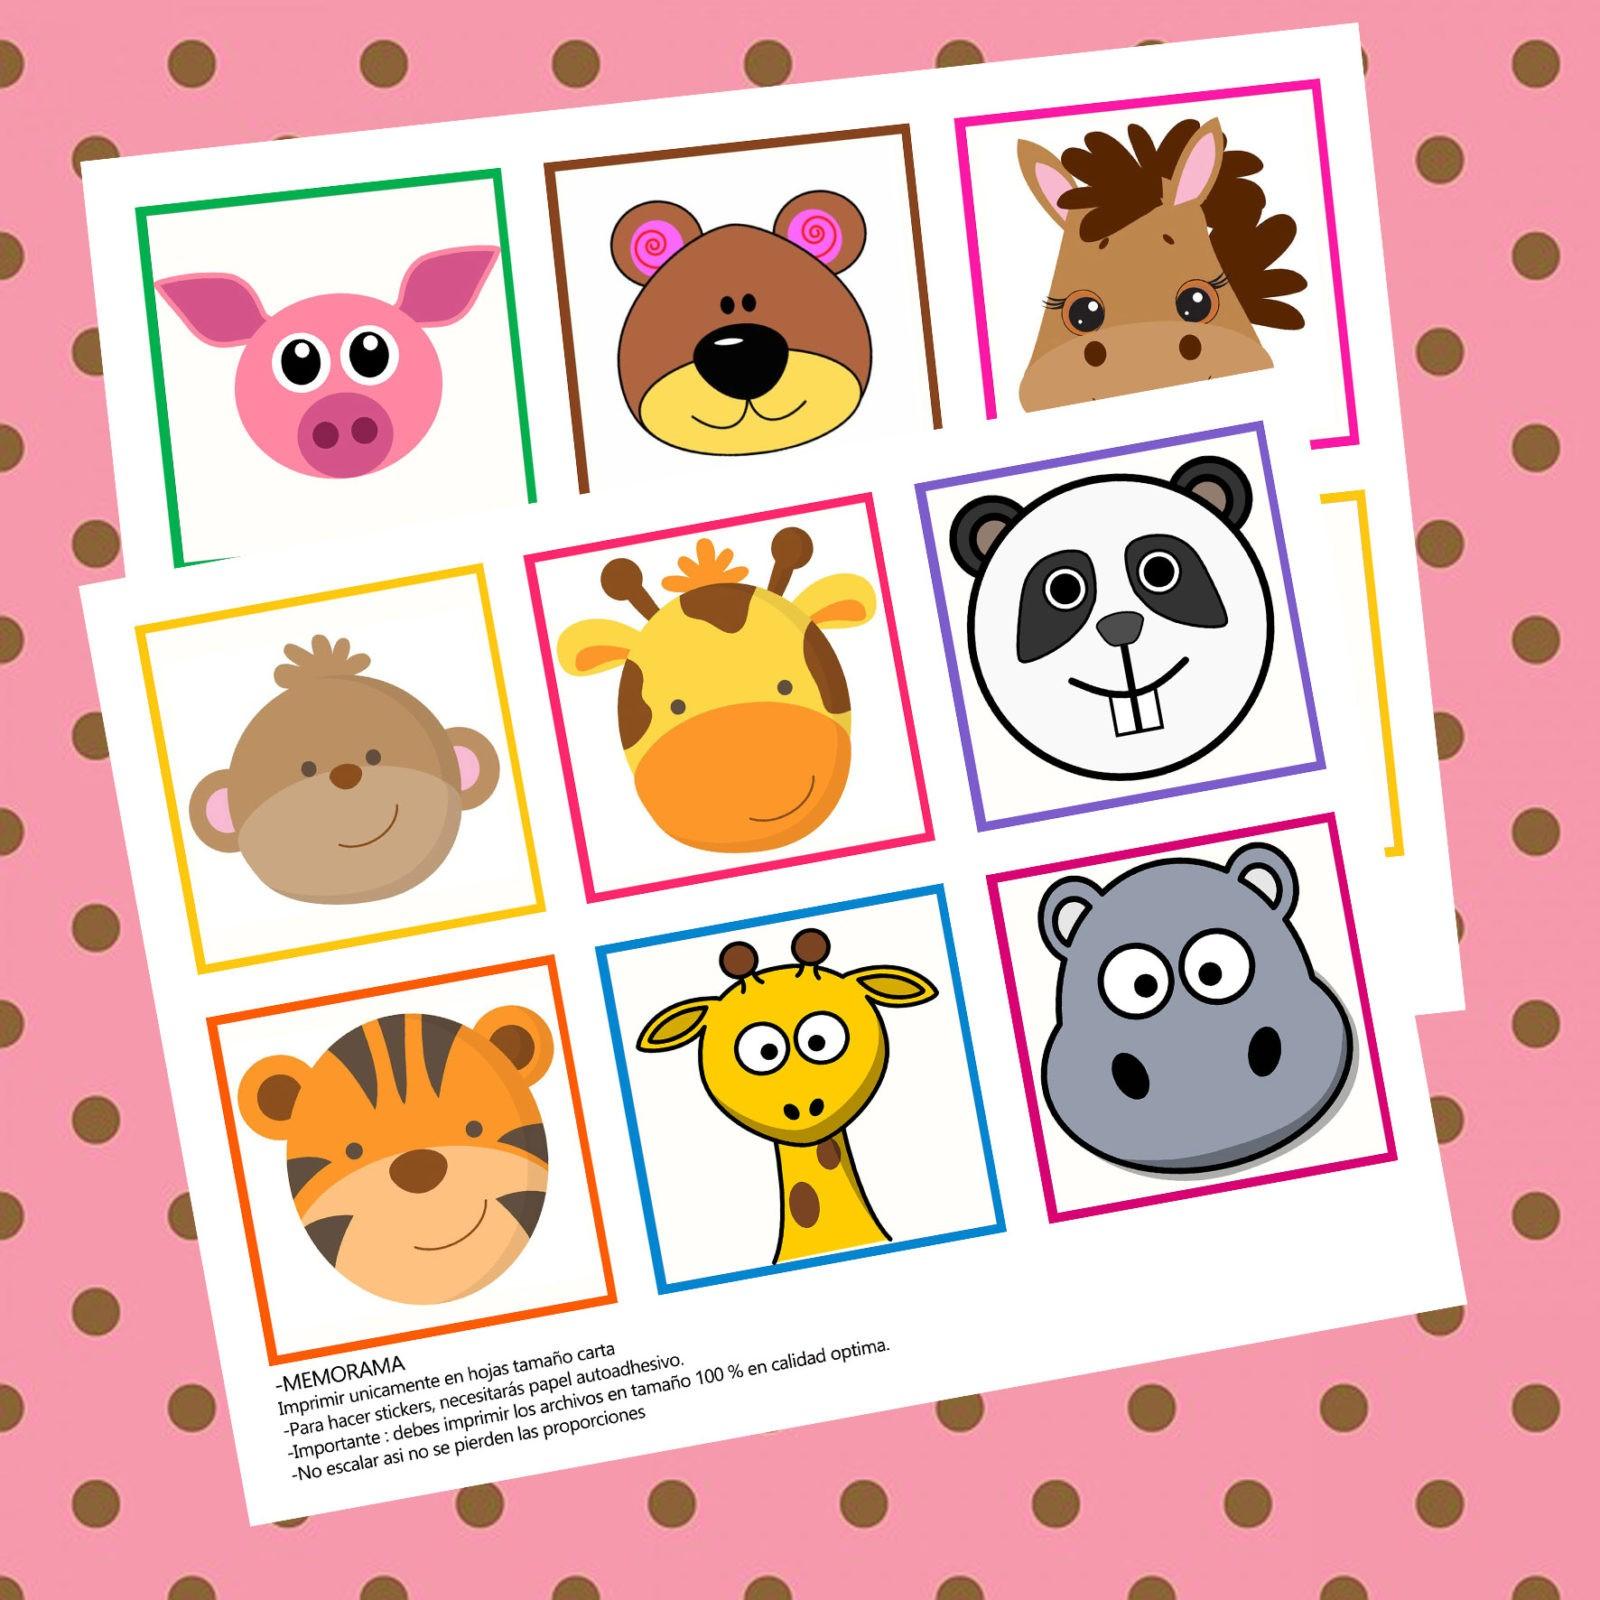 ejemplo de memorama de animales para imprimir